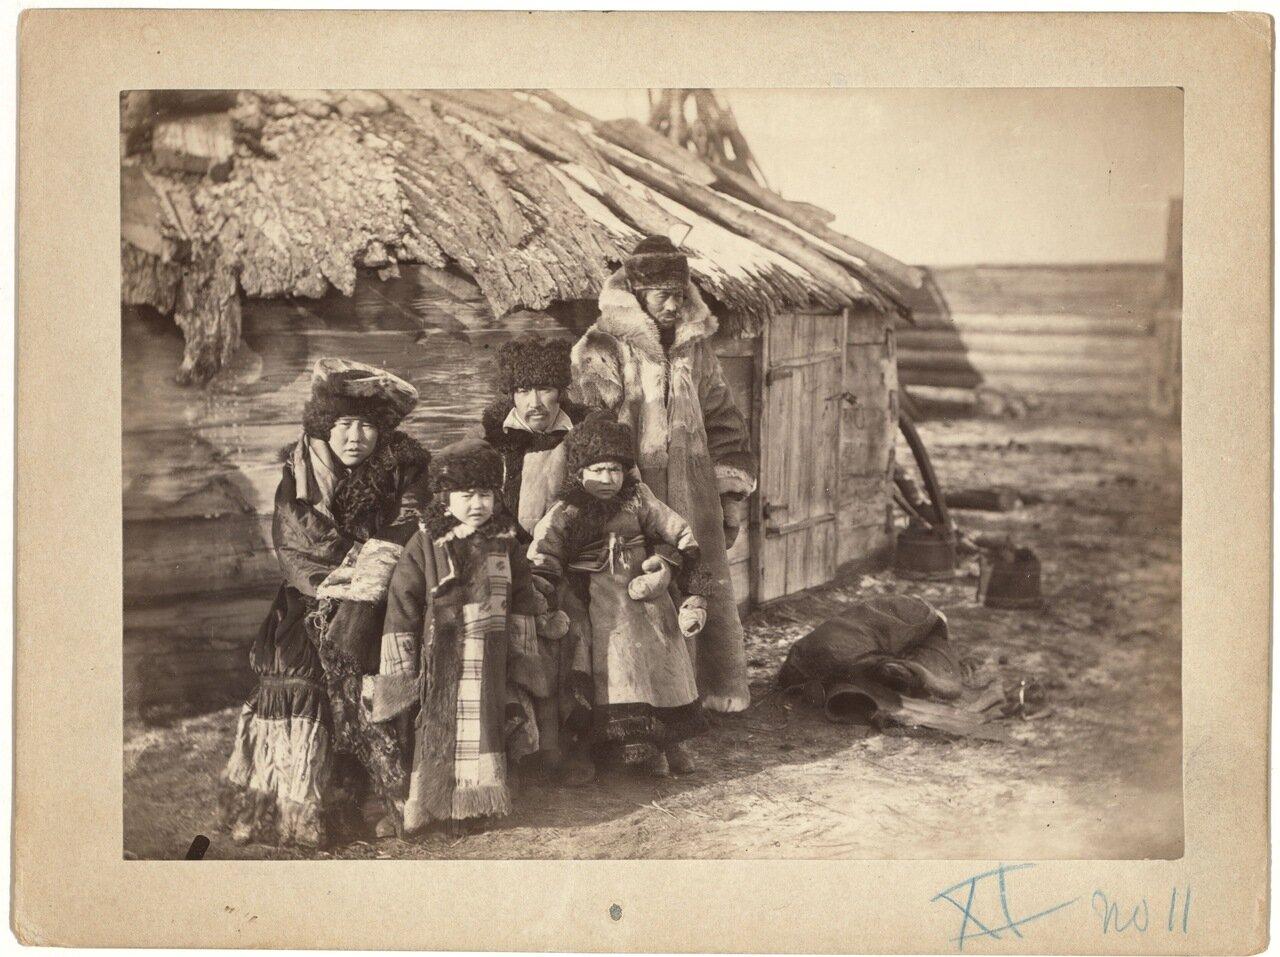 Сношения индейцев фото 15 фотография